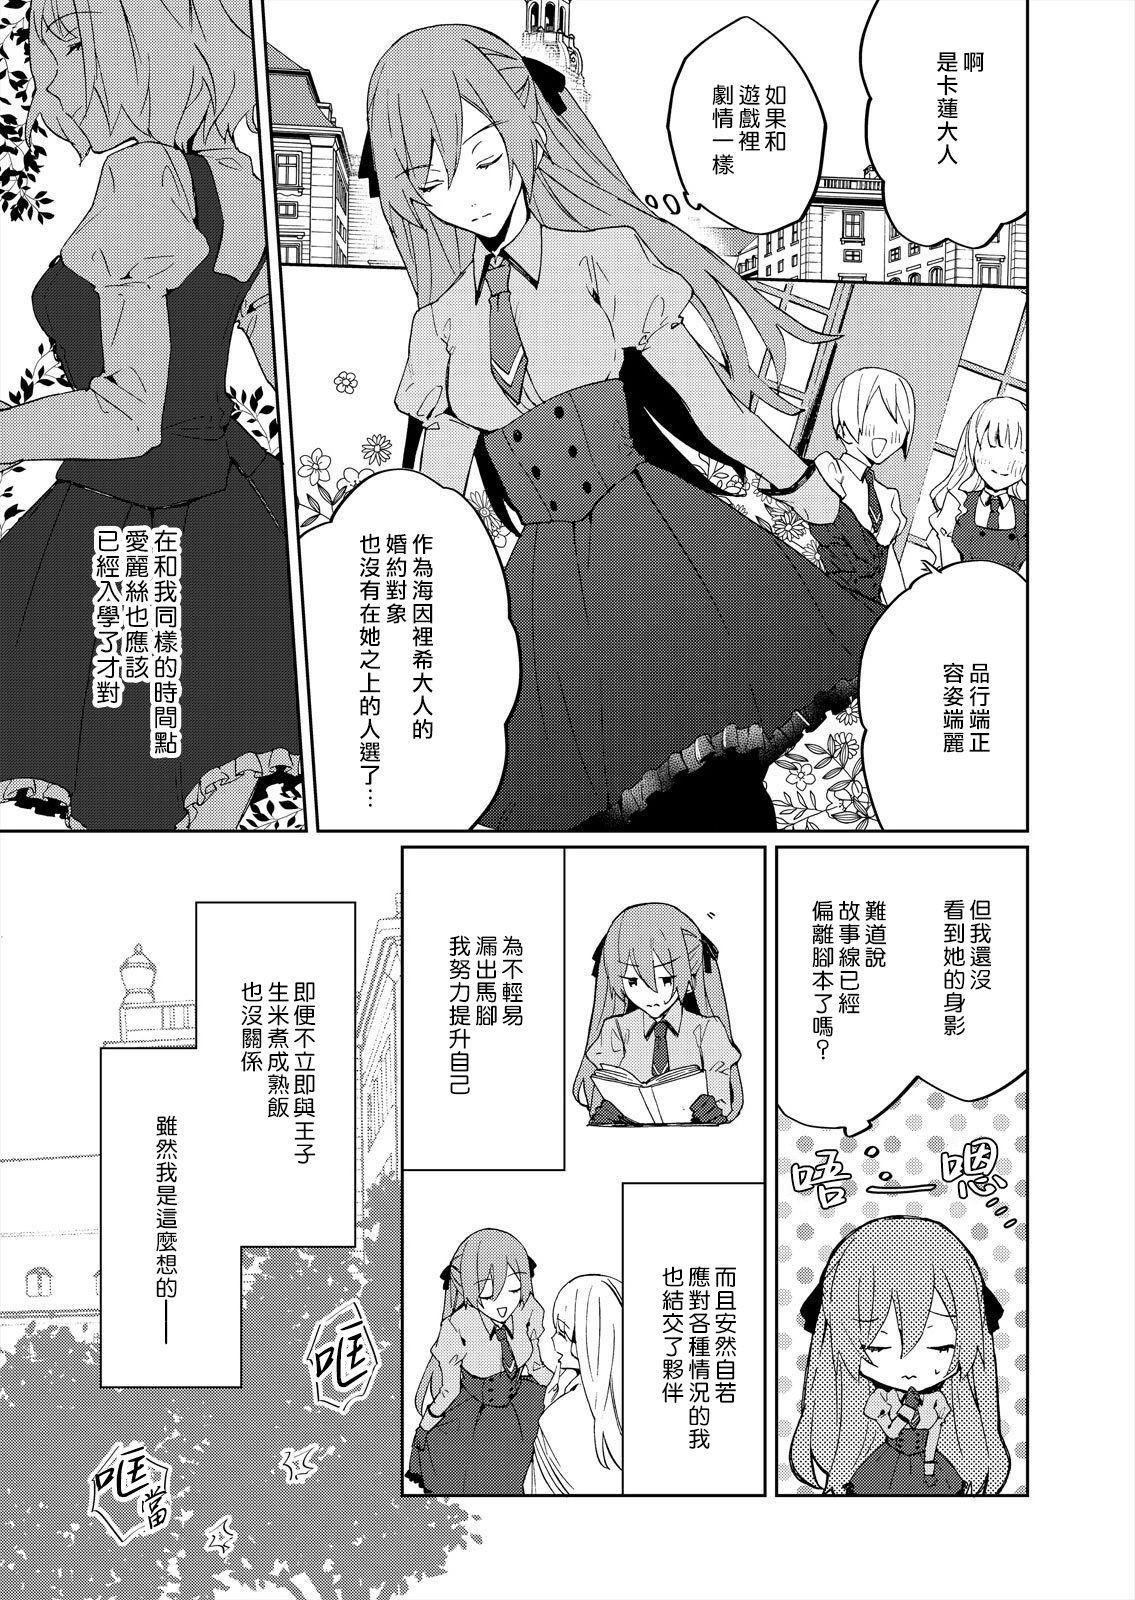 [Yuzushiwo] Akuyaku Reijou wa Ichizu ni Dekiai sarete ~Noumitsu Sex no Aite wa Juuboku~ | 被疯狂溺爱的反派大小姐~浓密性爱对象是仆从~ 1-5 [Chinese] [莉赛特汉化组] 12